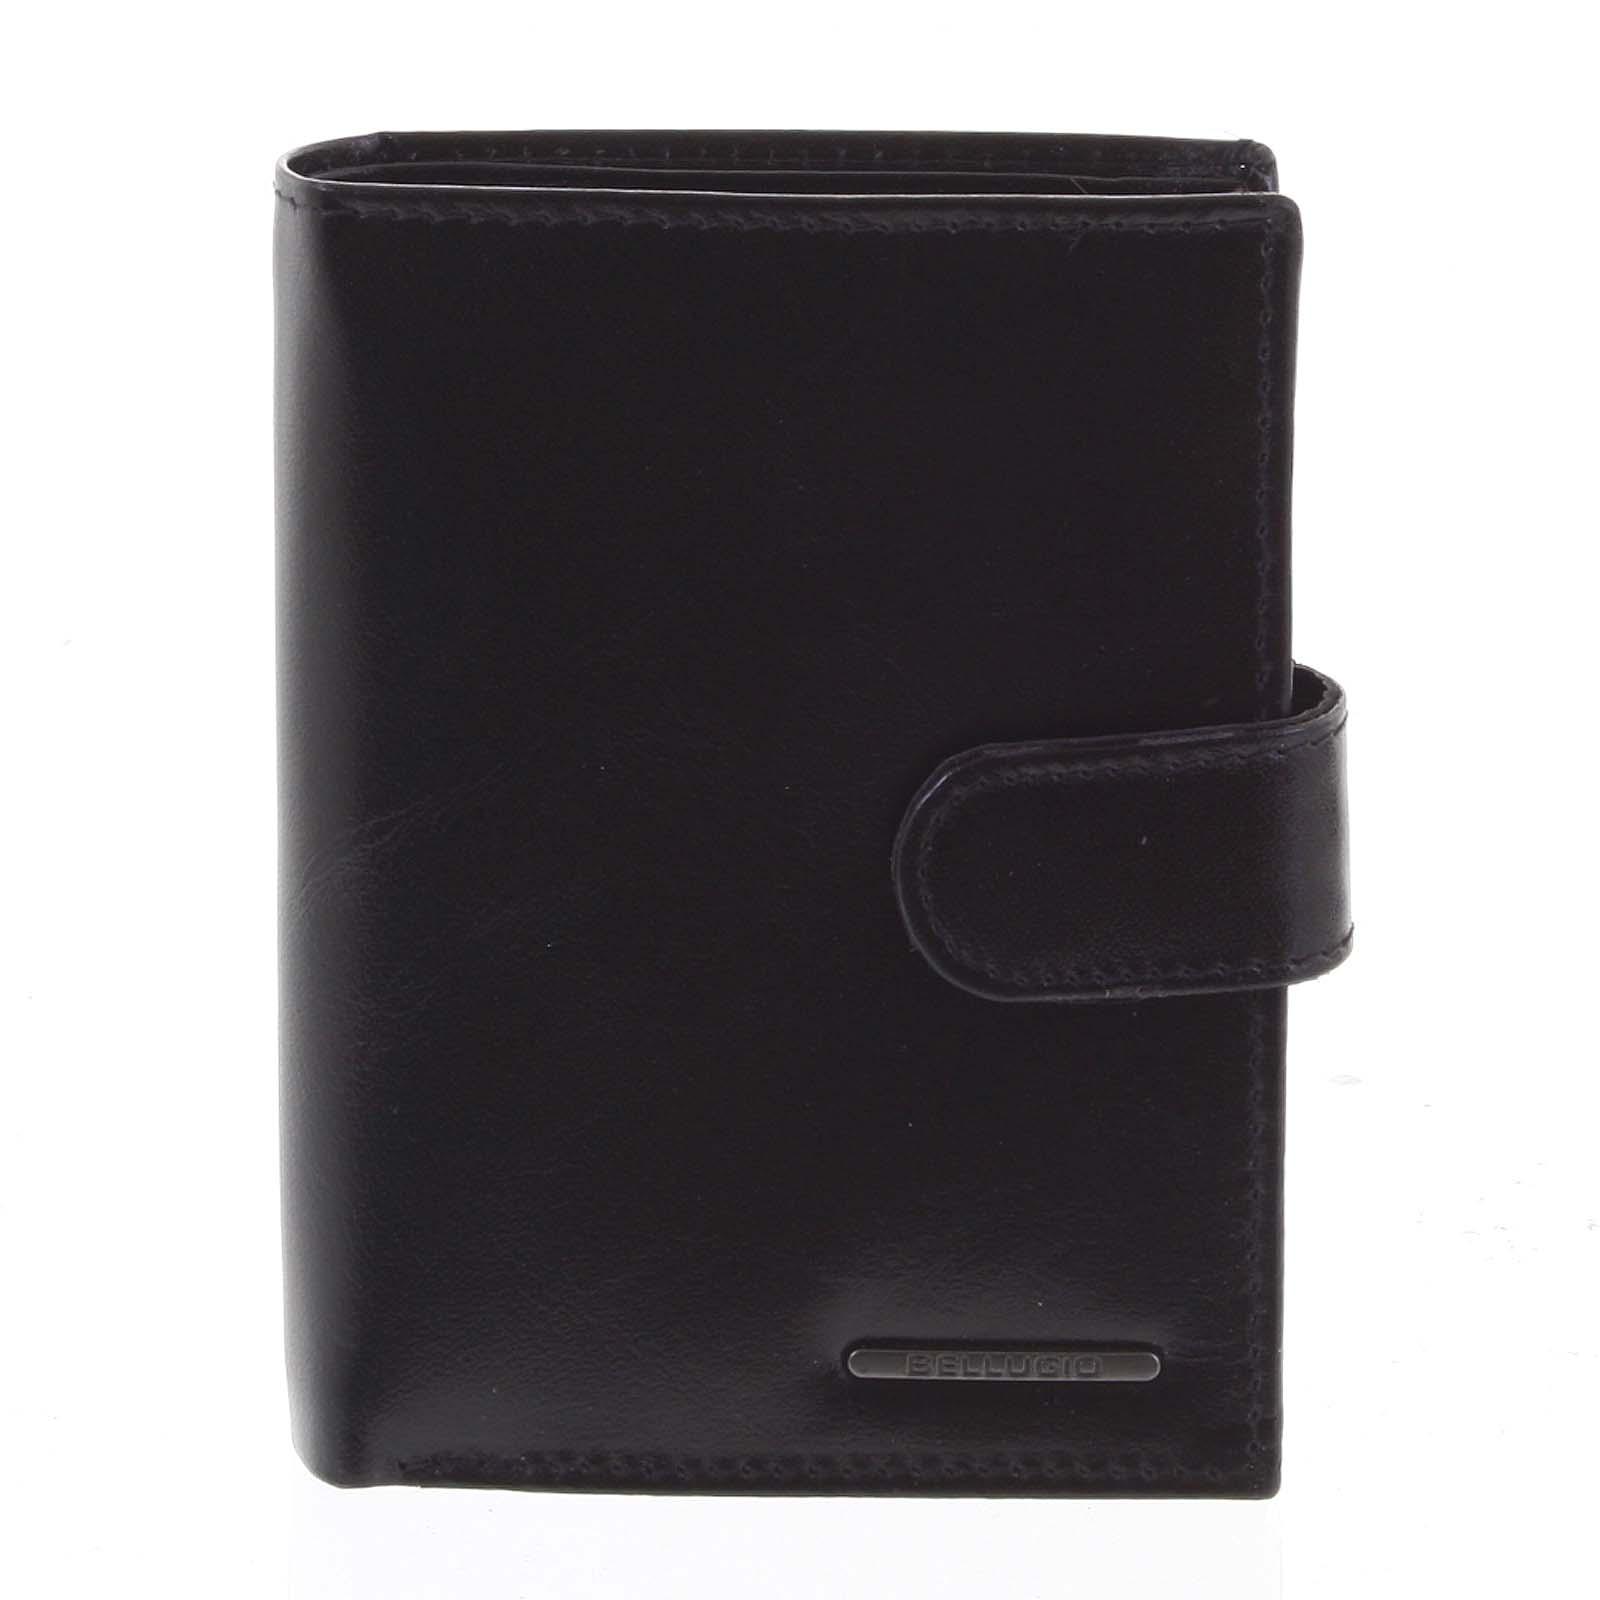 Pánska kožená peňaženka čierna - Bellugio Denis čierna